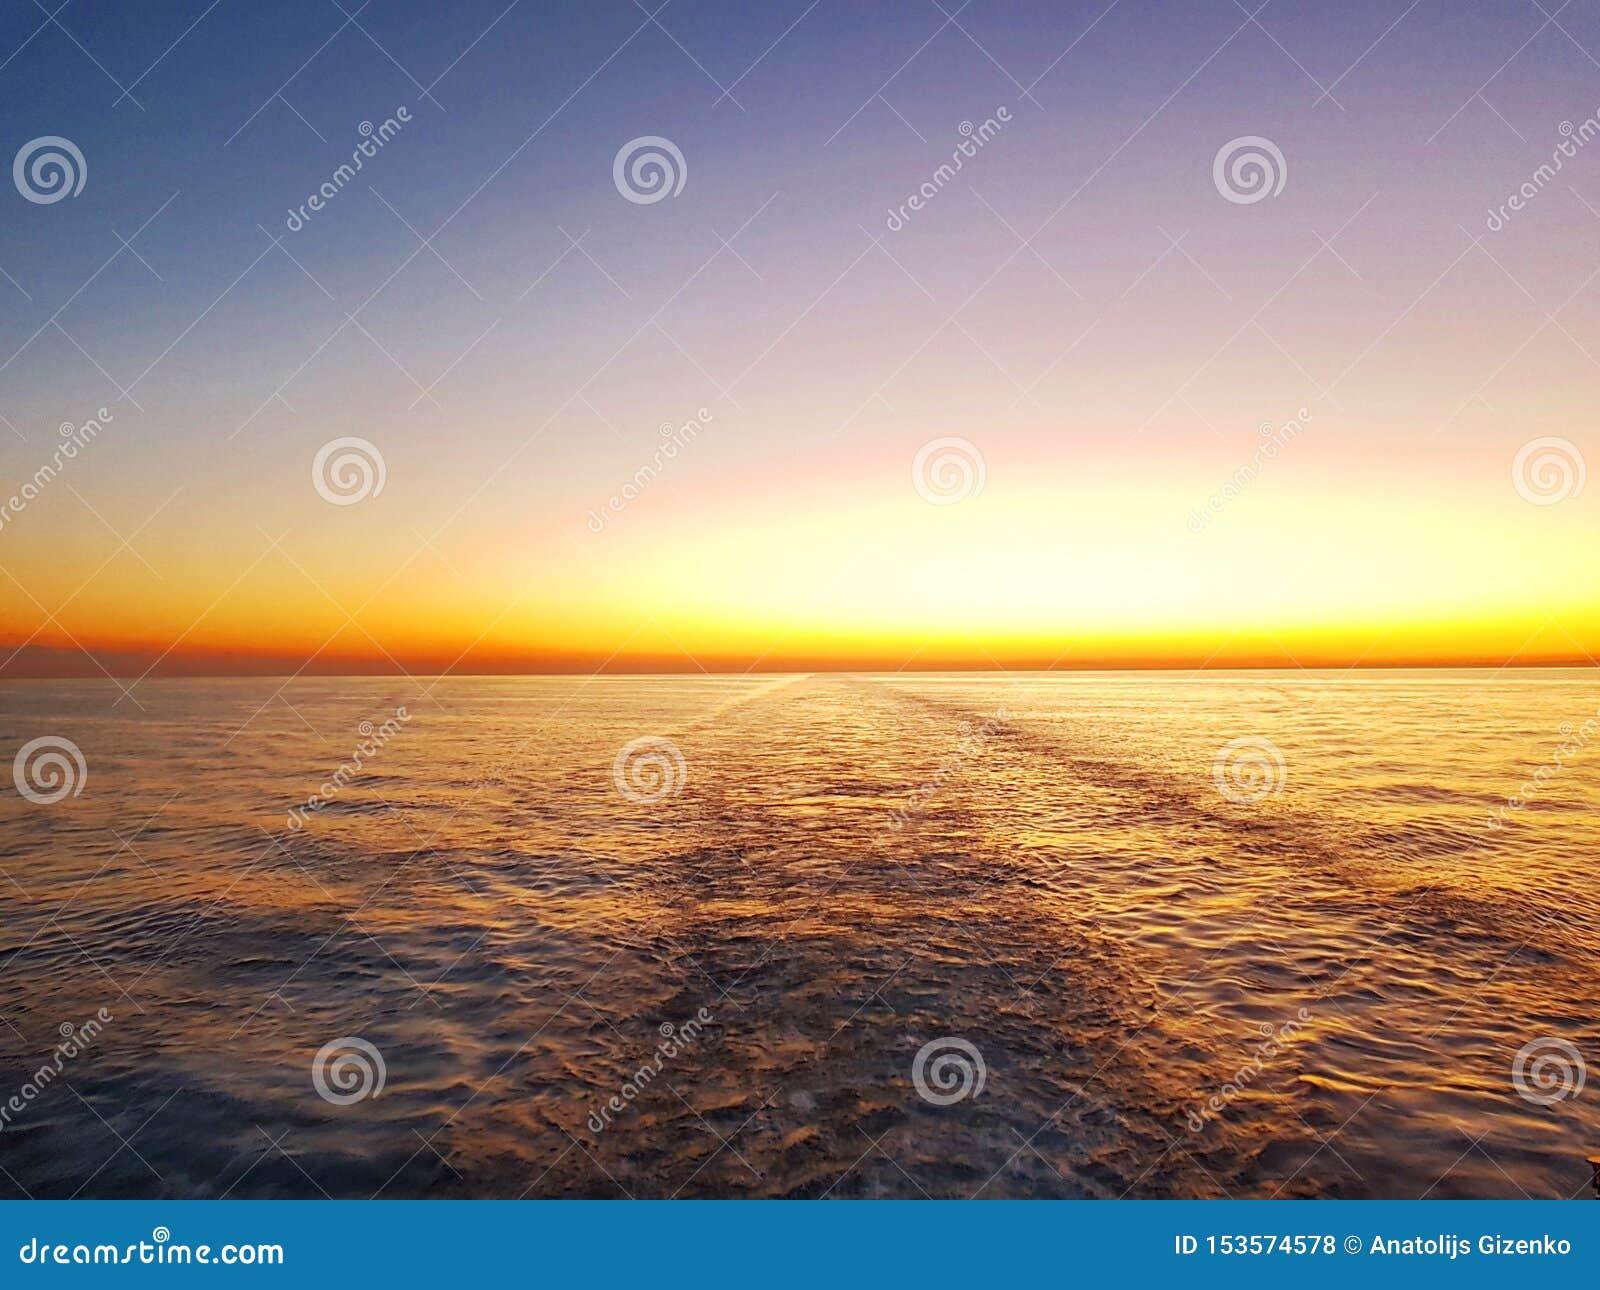 Stadssikts- och solnedgånghimmel Fantasihimmel Solnedgång på bakgrunden av en stråle av vatten från propellern av ett rörande ske